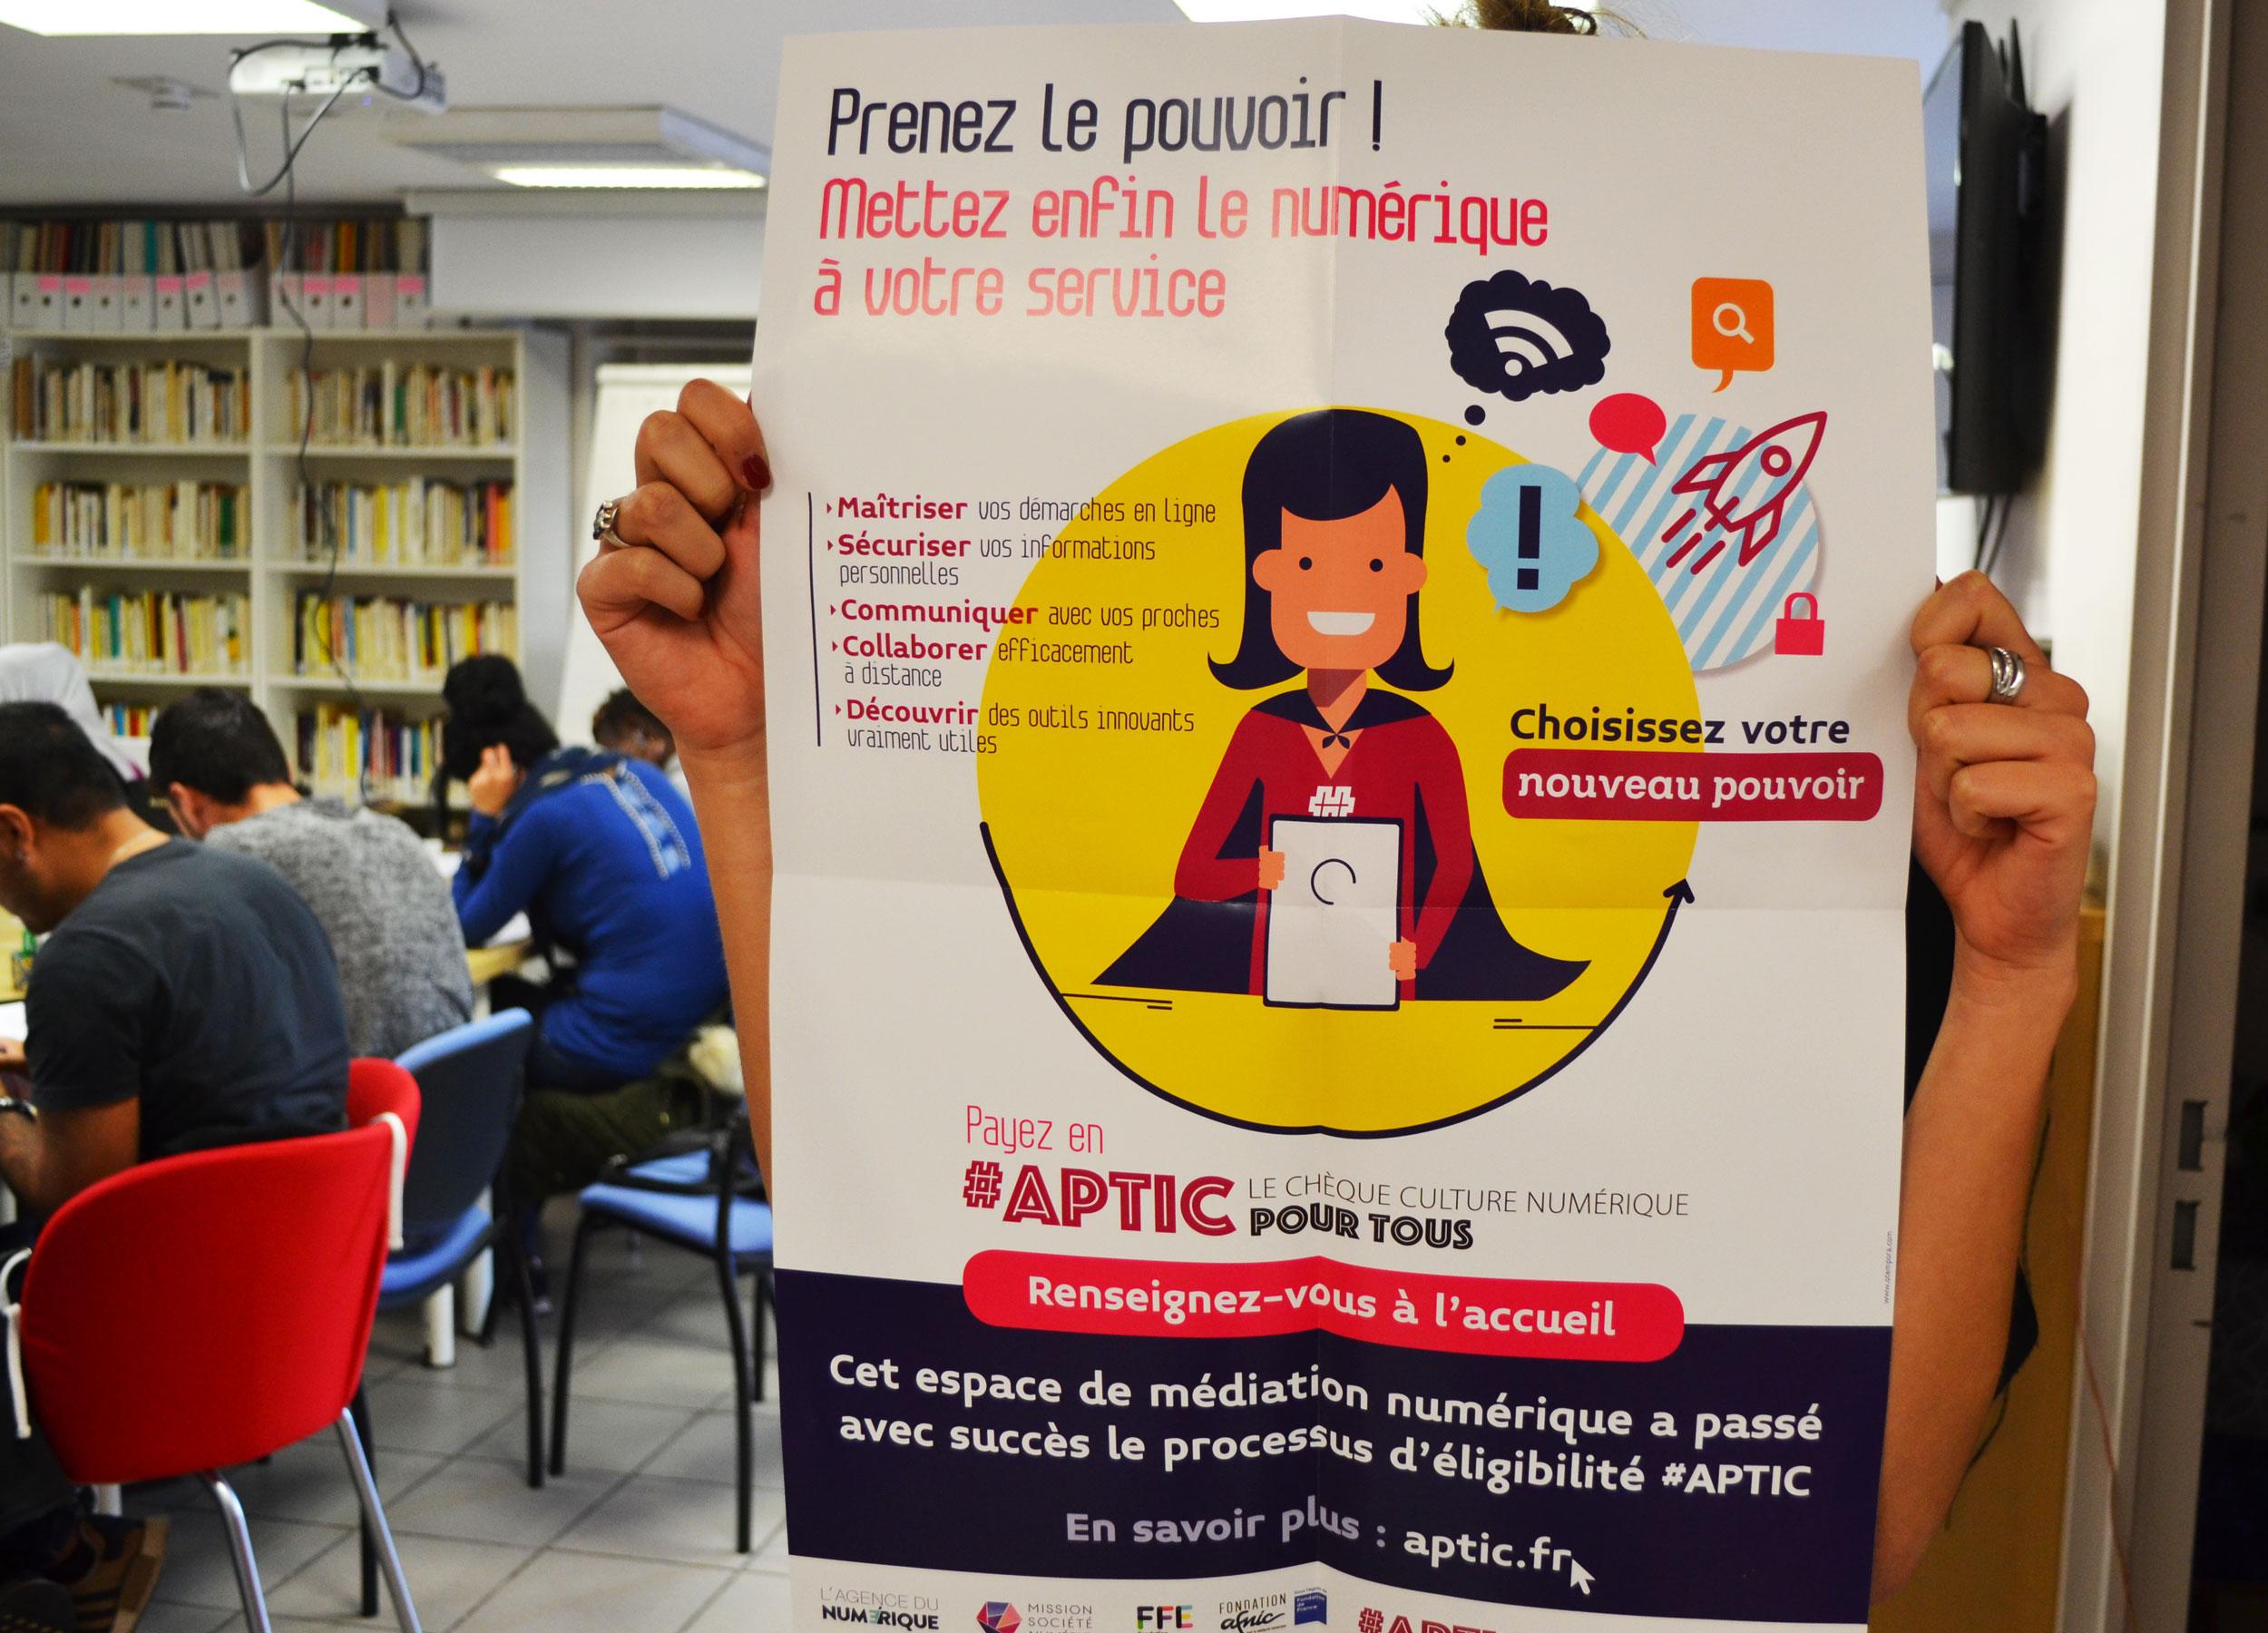 Ancrages Eligible Aptic Le Cheque Culture Numerique Pour Tous